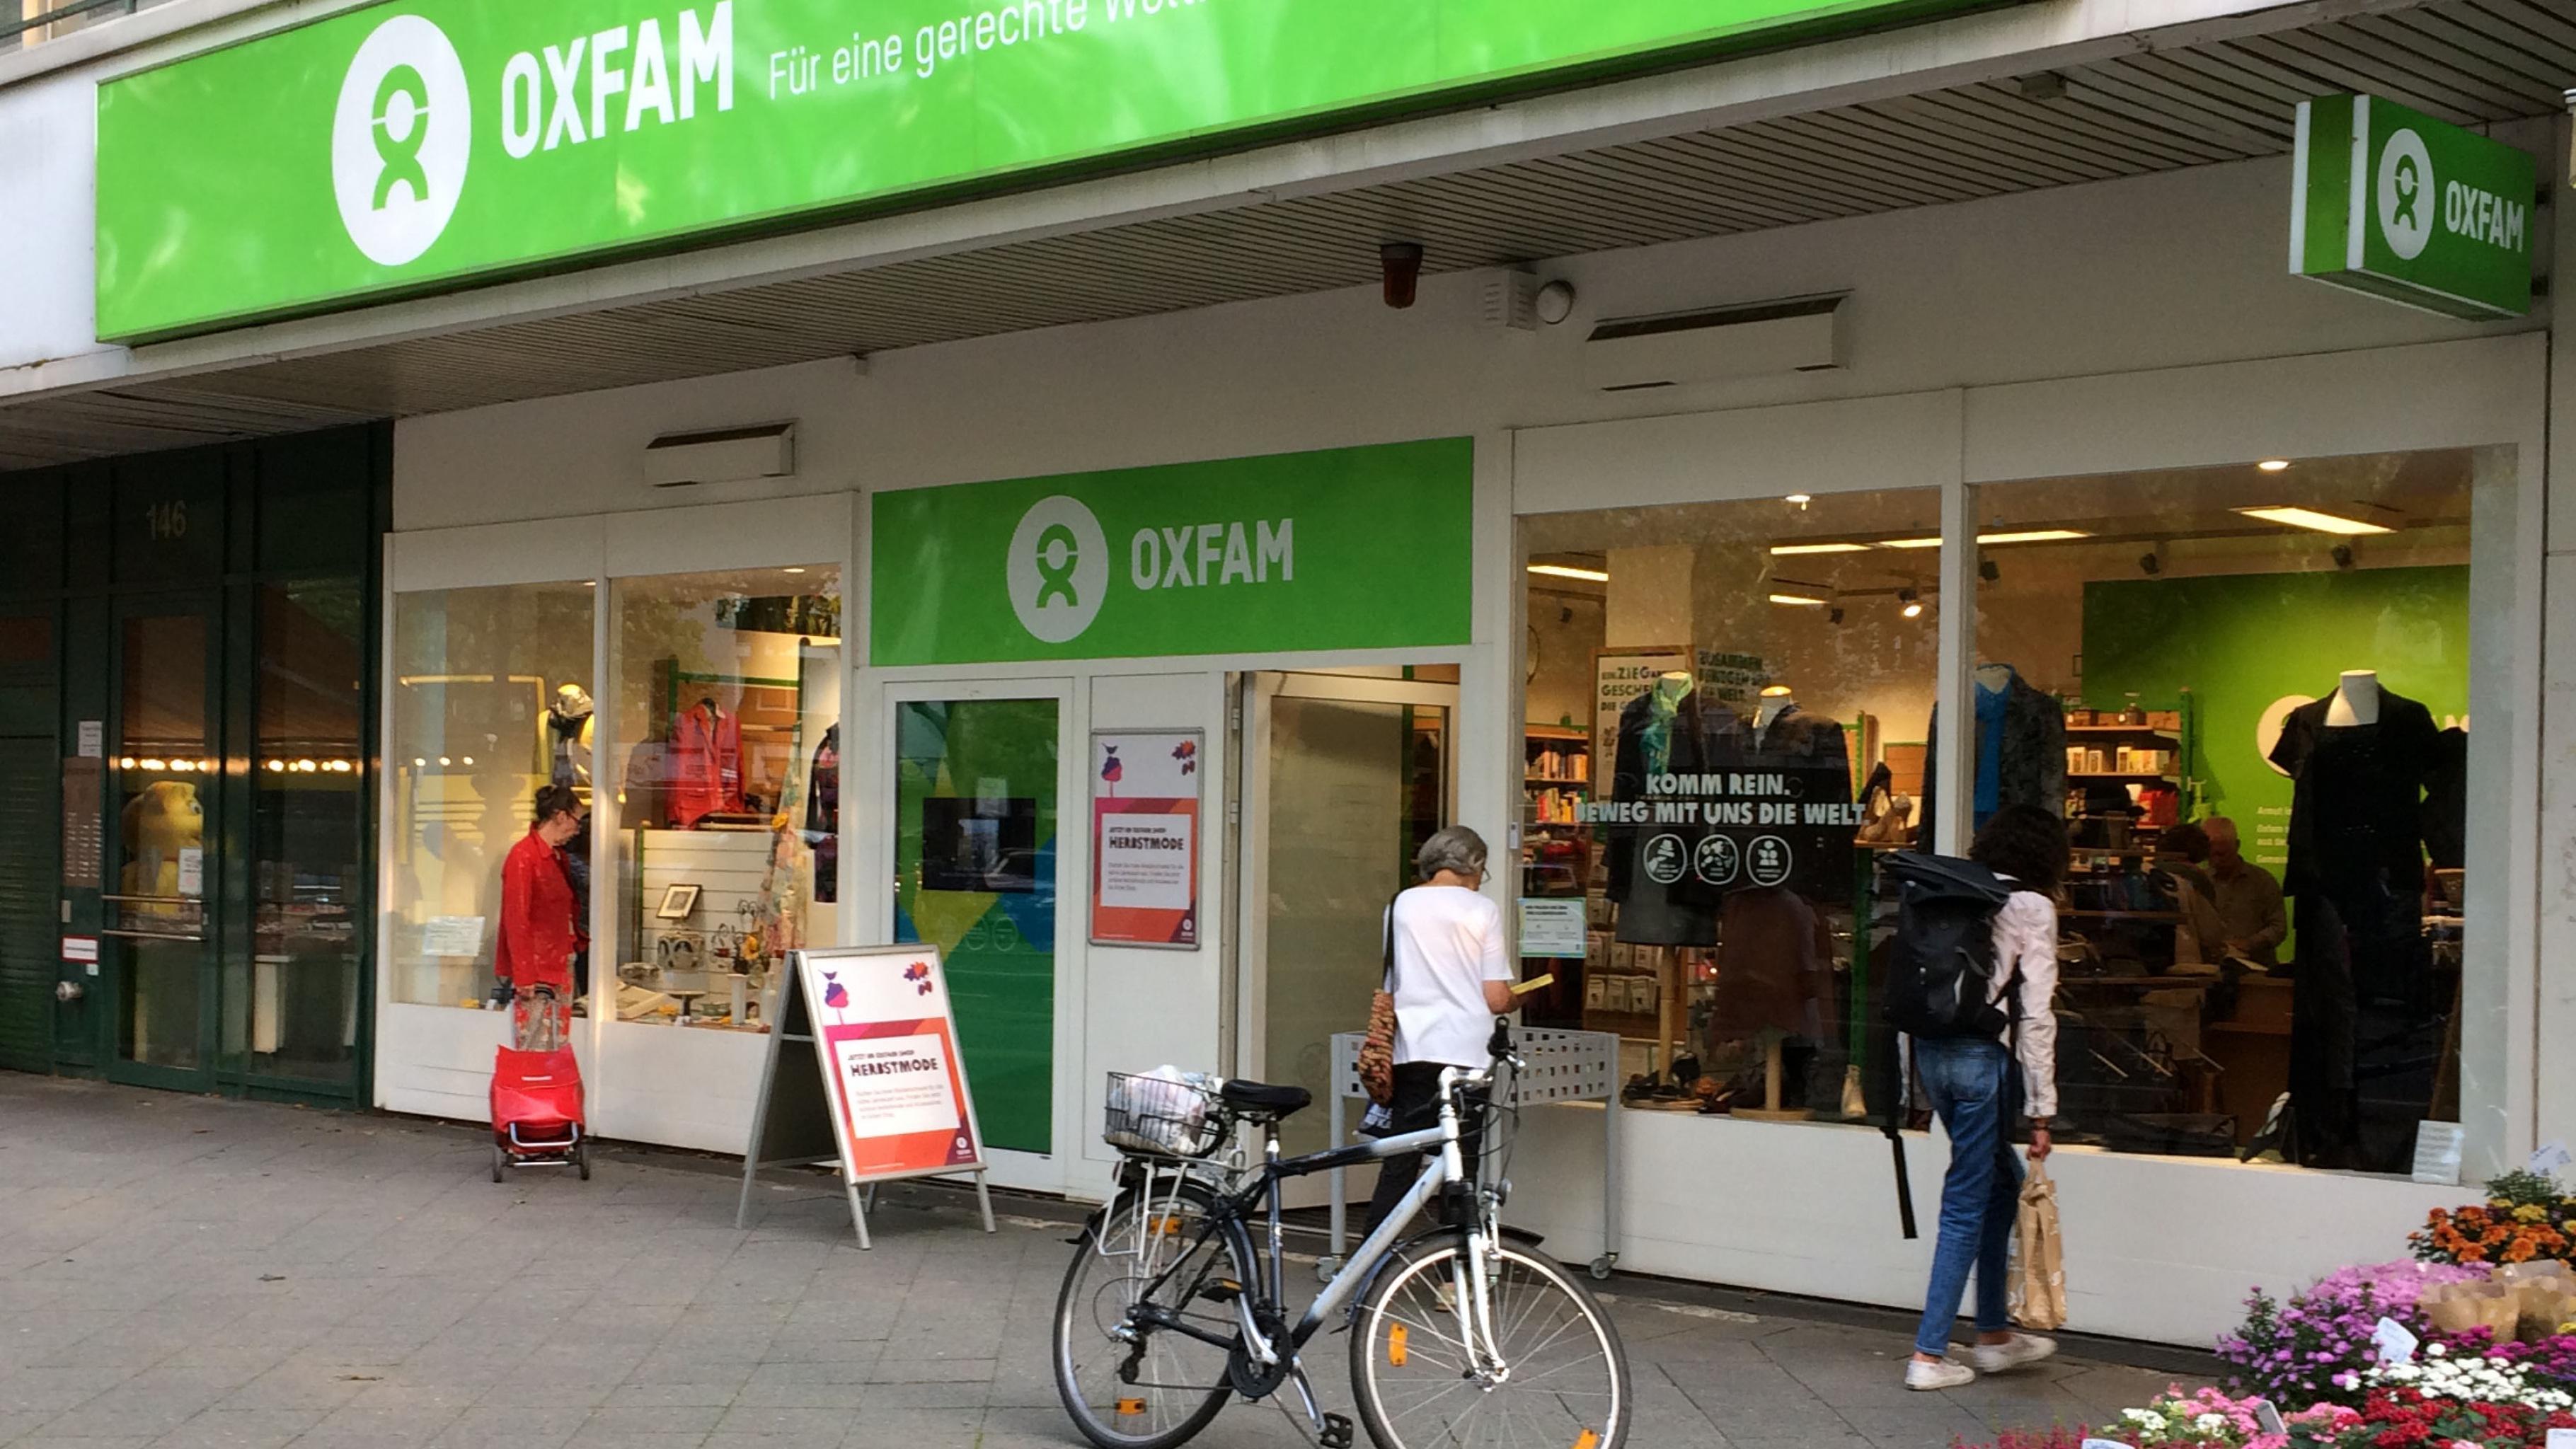 Oxfam Shop Berlin-Wilmersdorf - Außenansicht